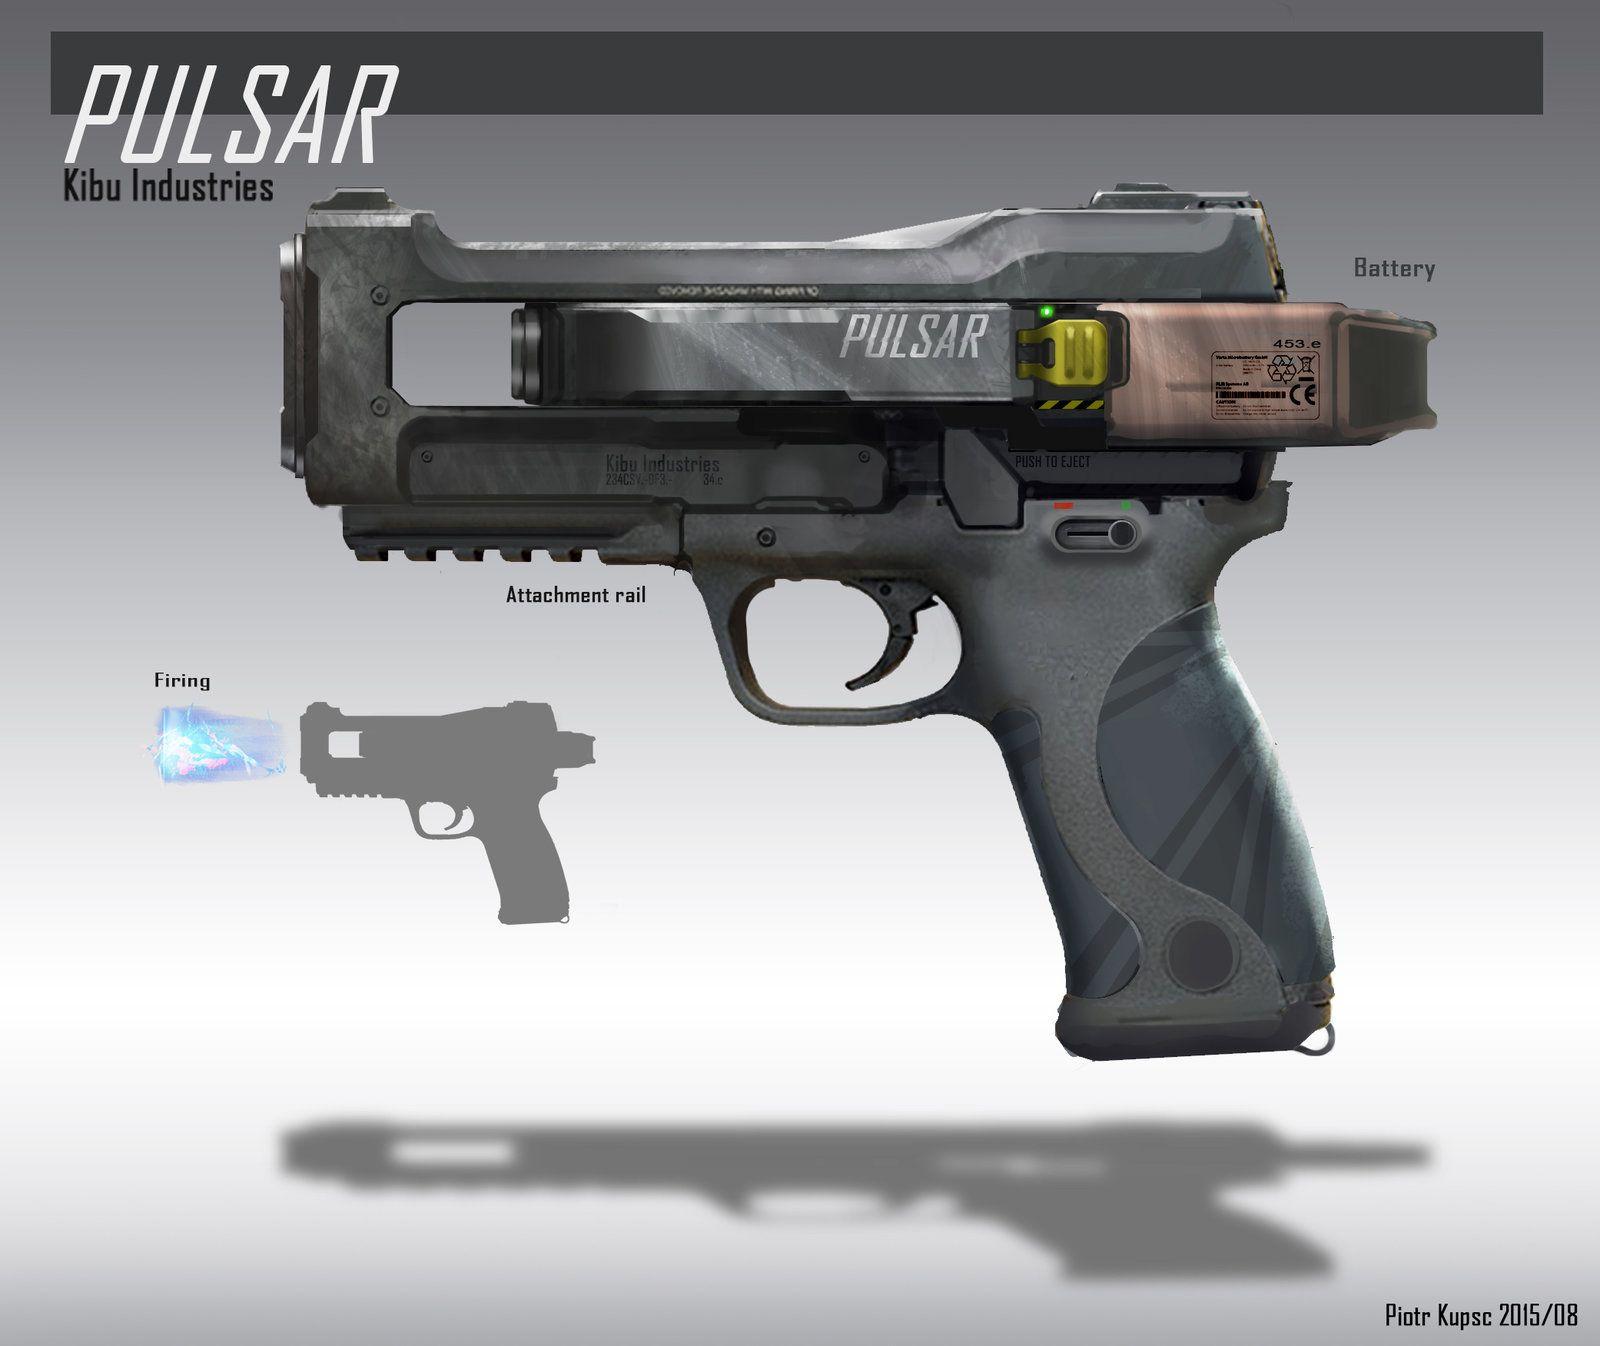 Pulsar Gun, Piotr Kupsc on ArtStation at https://www.artstation.com/artwork/pulsar-gun